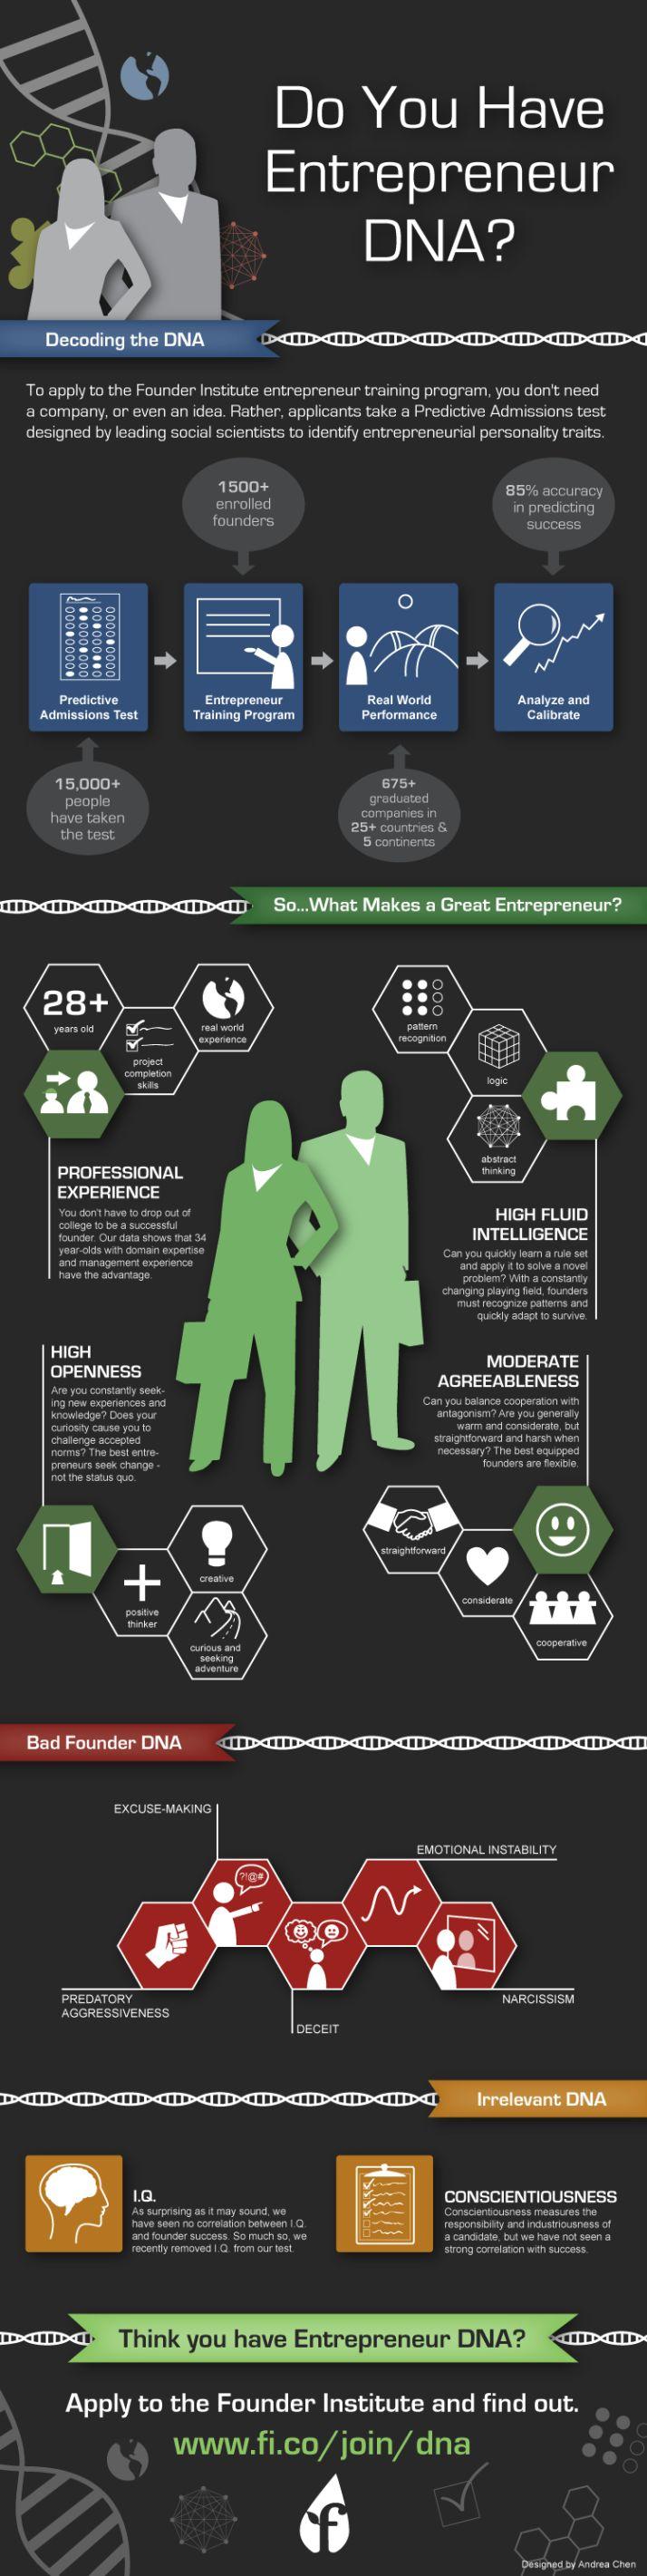 Do you have entrepreneur DNA? #infografia #infographic